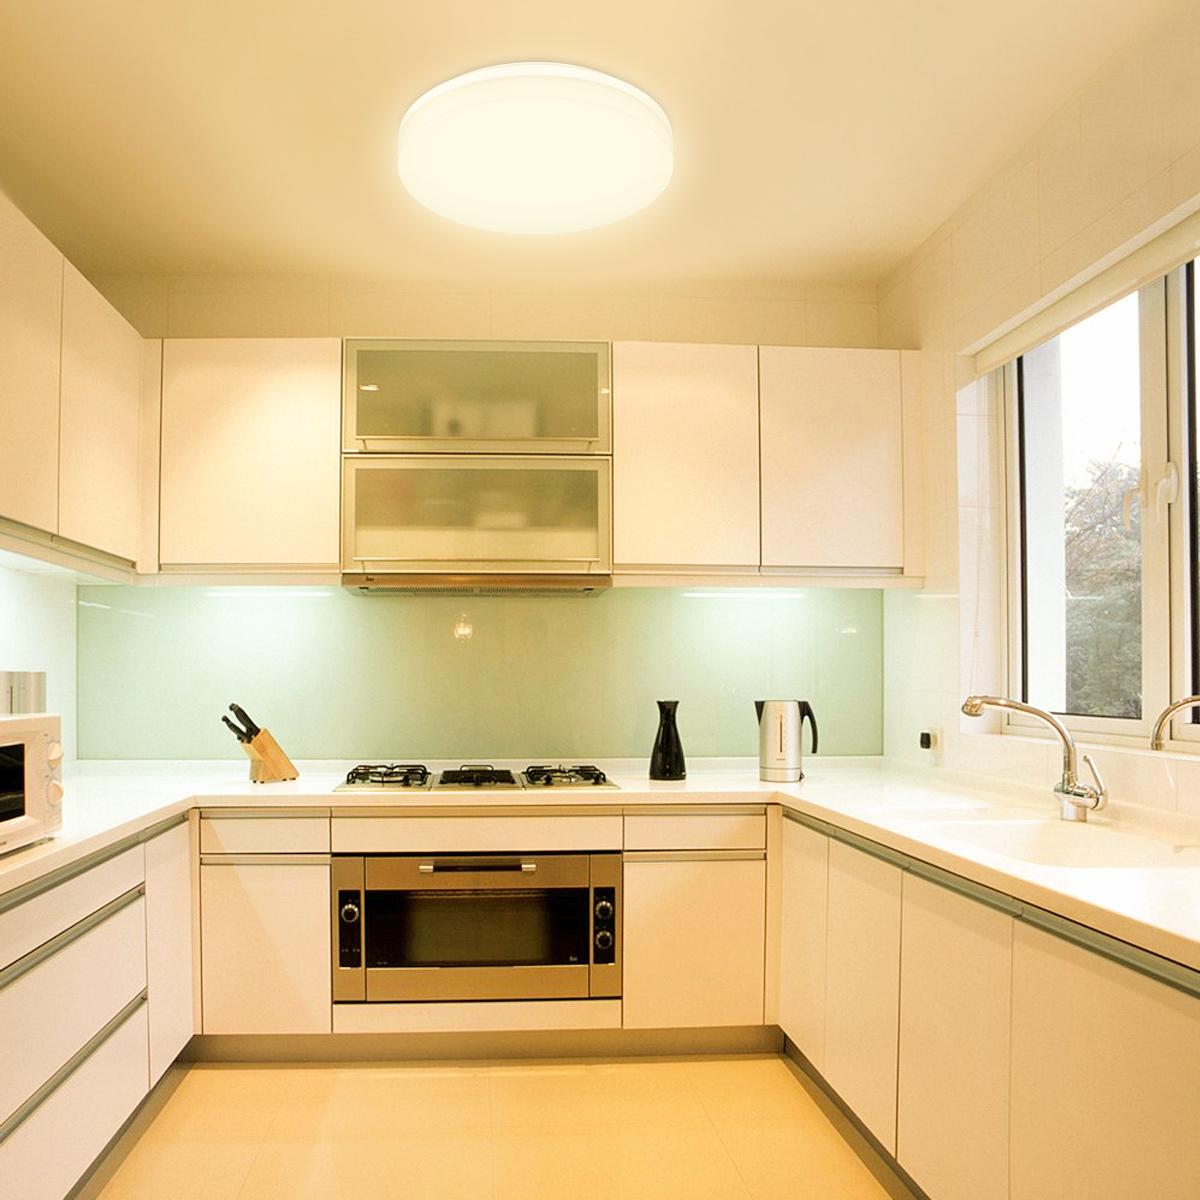 Le 24w Led Ceiling Light Flush Mount Fixture Kitchen